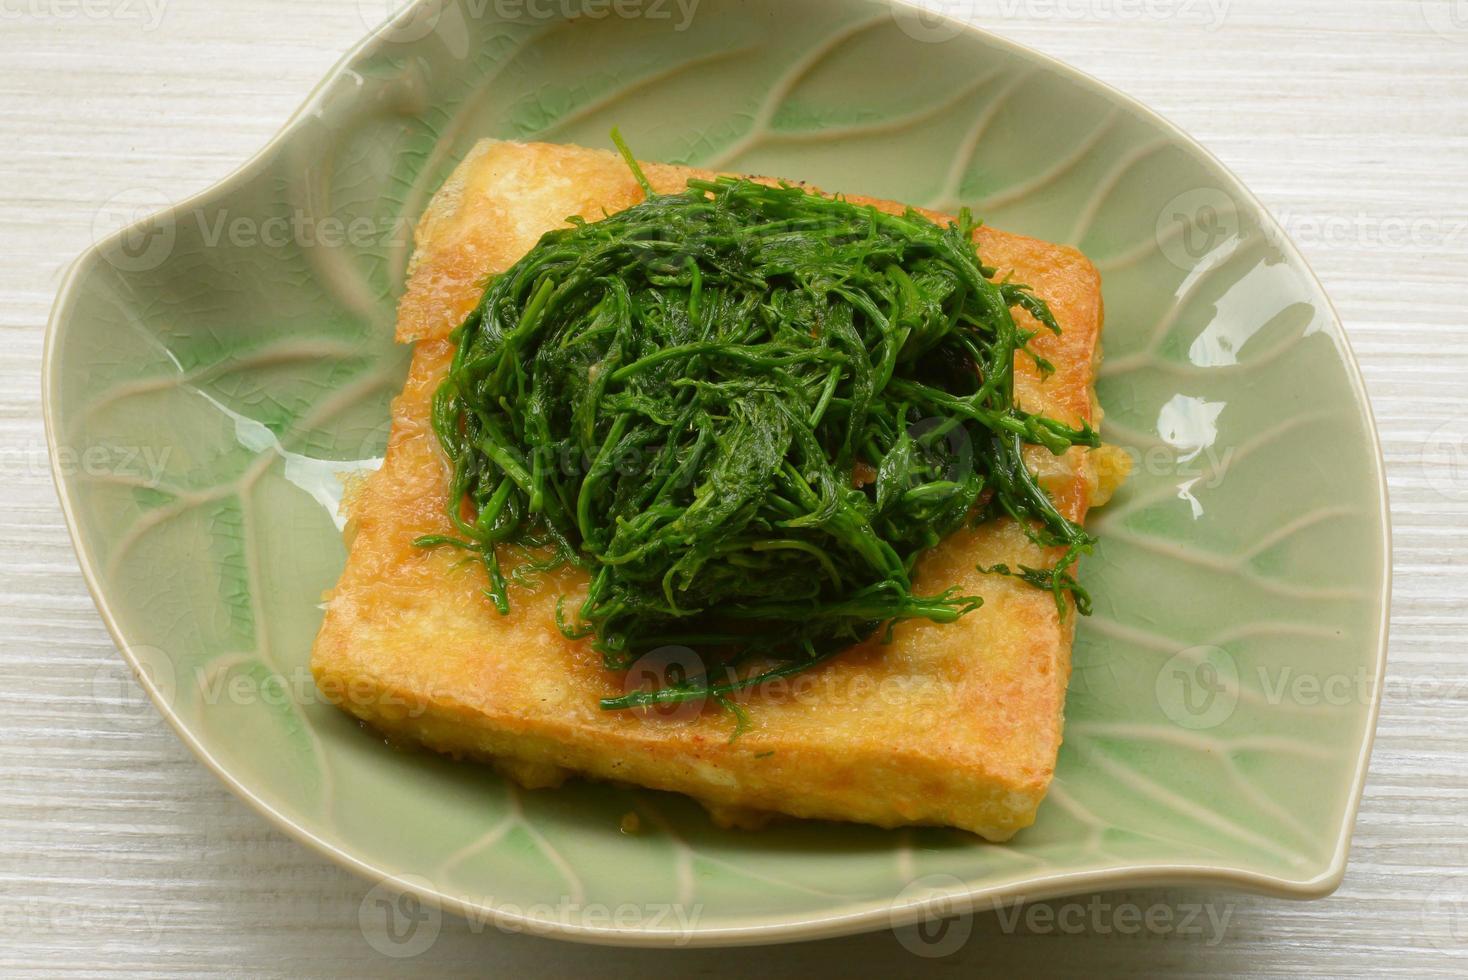 cibo vegetariano vegetale di tofu fritto foto